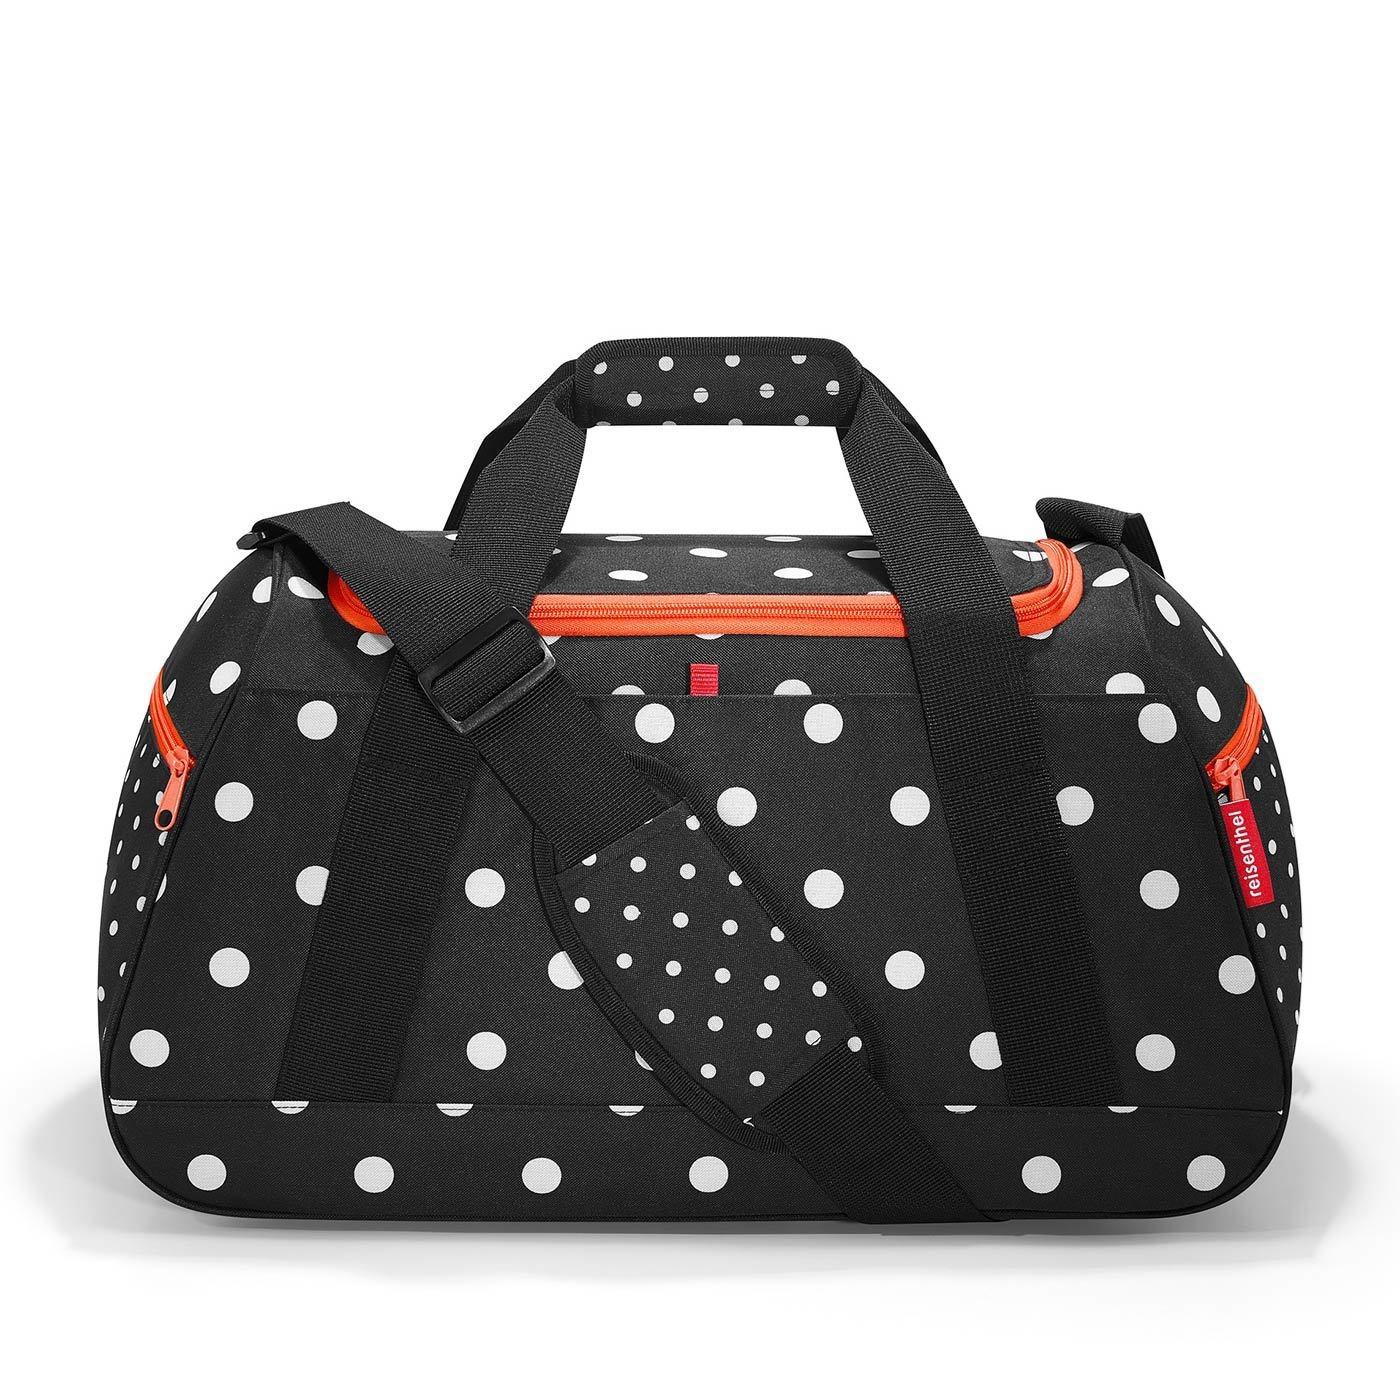 Sportovní taška Activitybag mixed dots_1